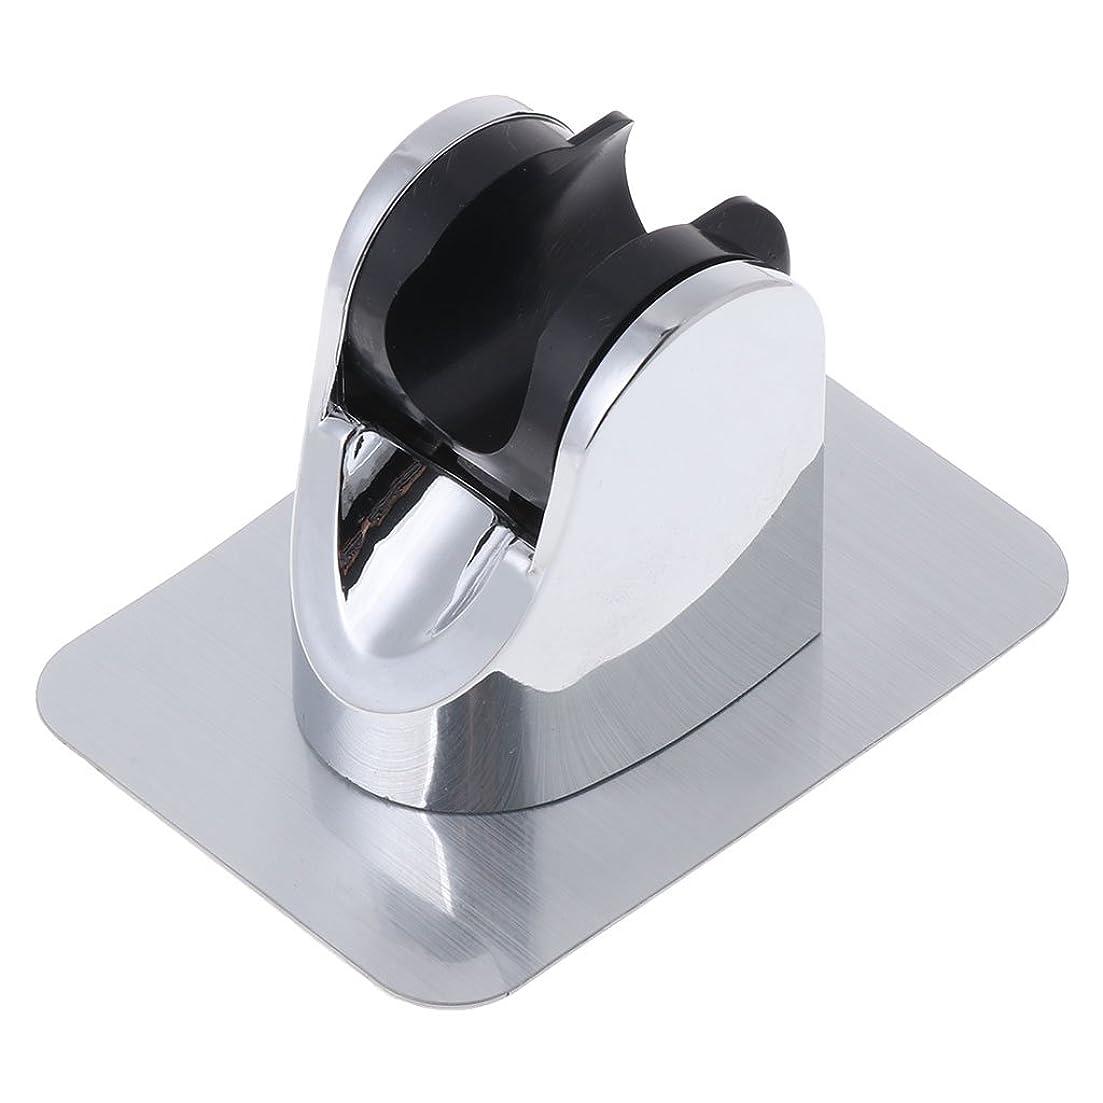 三番見込み性交Lamdooヘッドホルダー調節可能ドリルブラケットマウントシャワーハンドなしステッカー